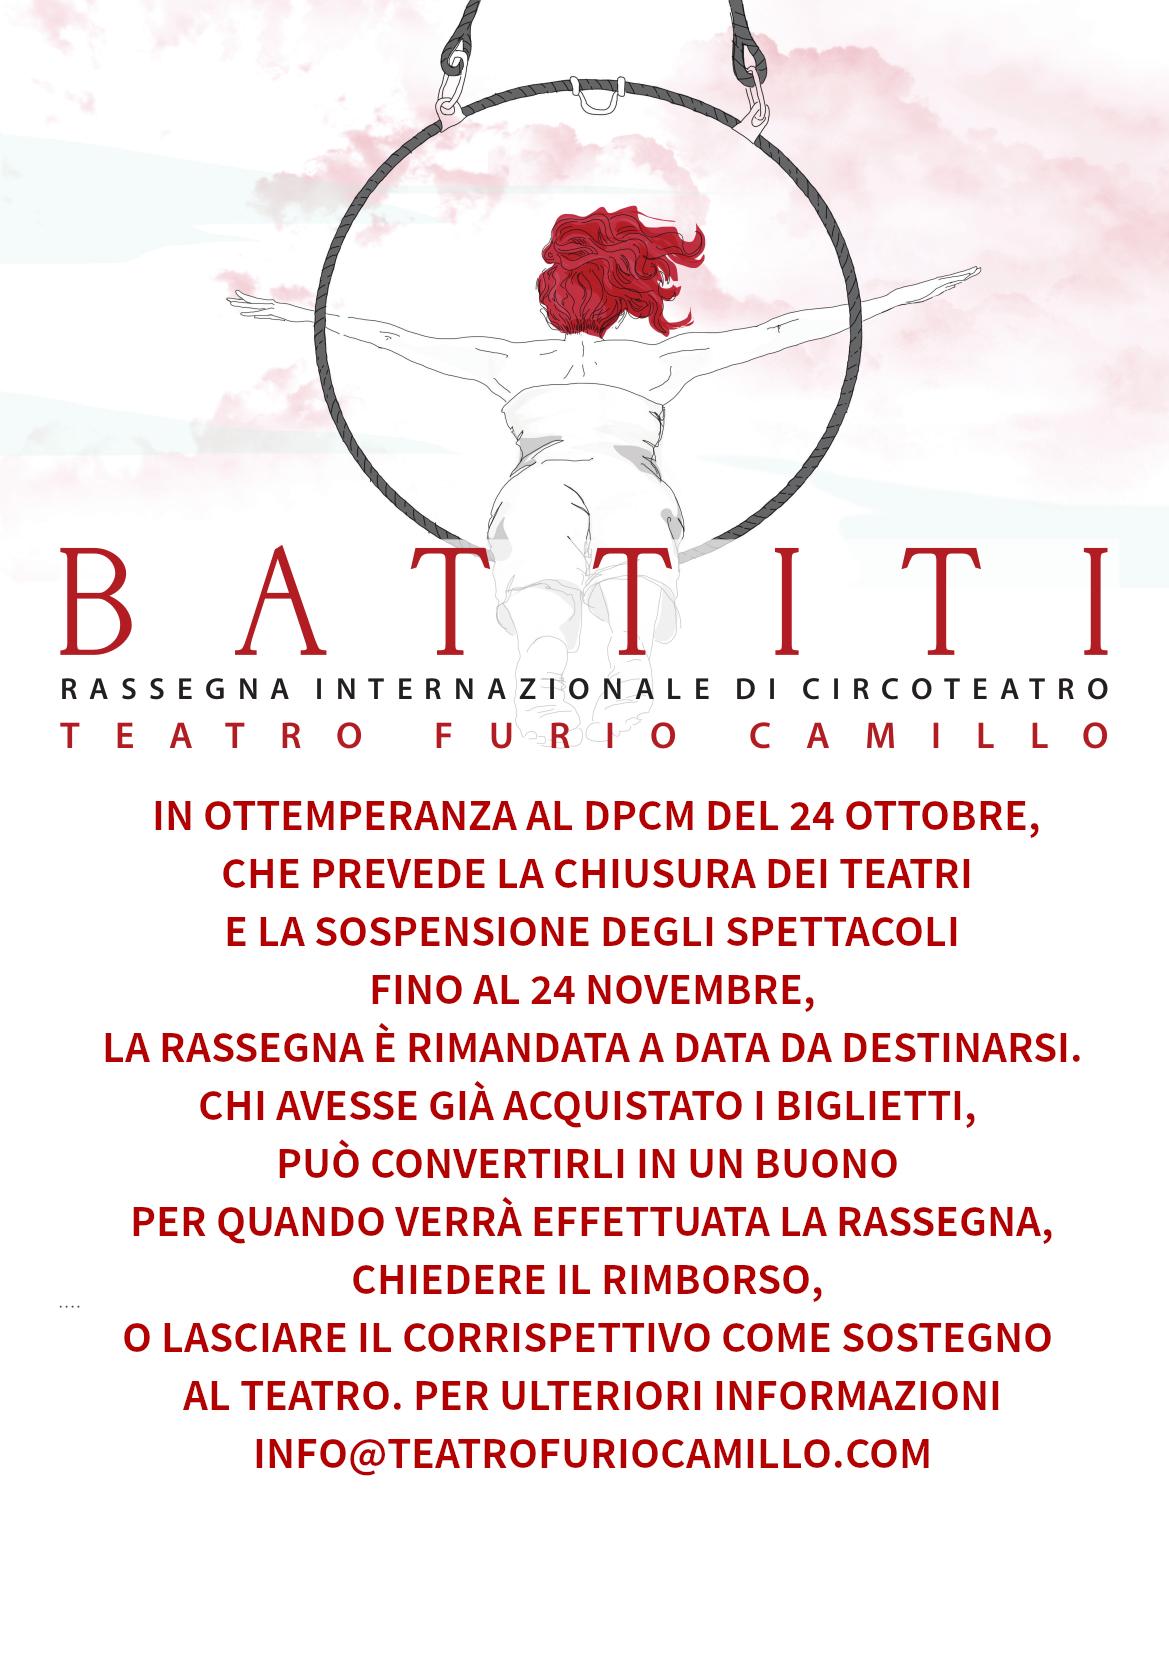 BATTITI_ANNULLAMENTO